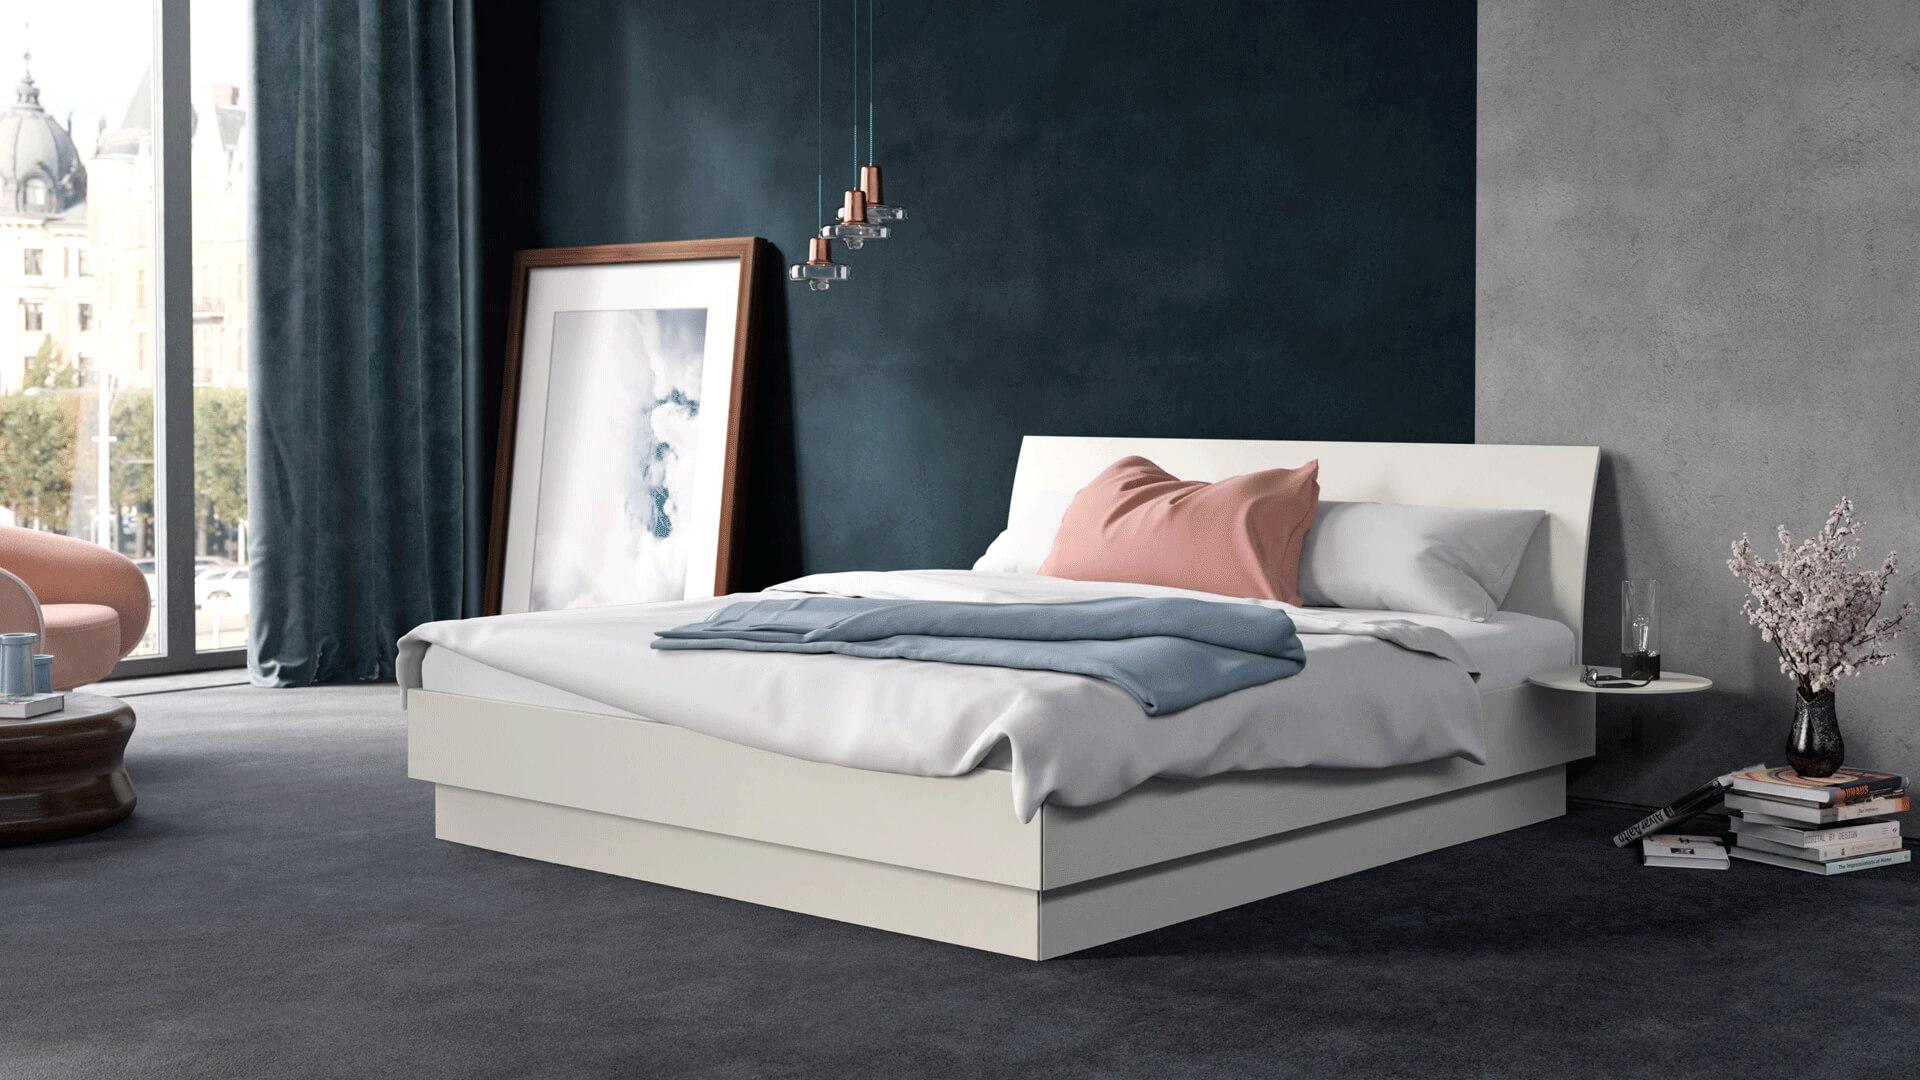 Мебель для спальни бренд interlübke